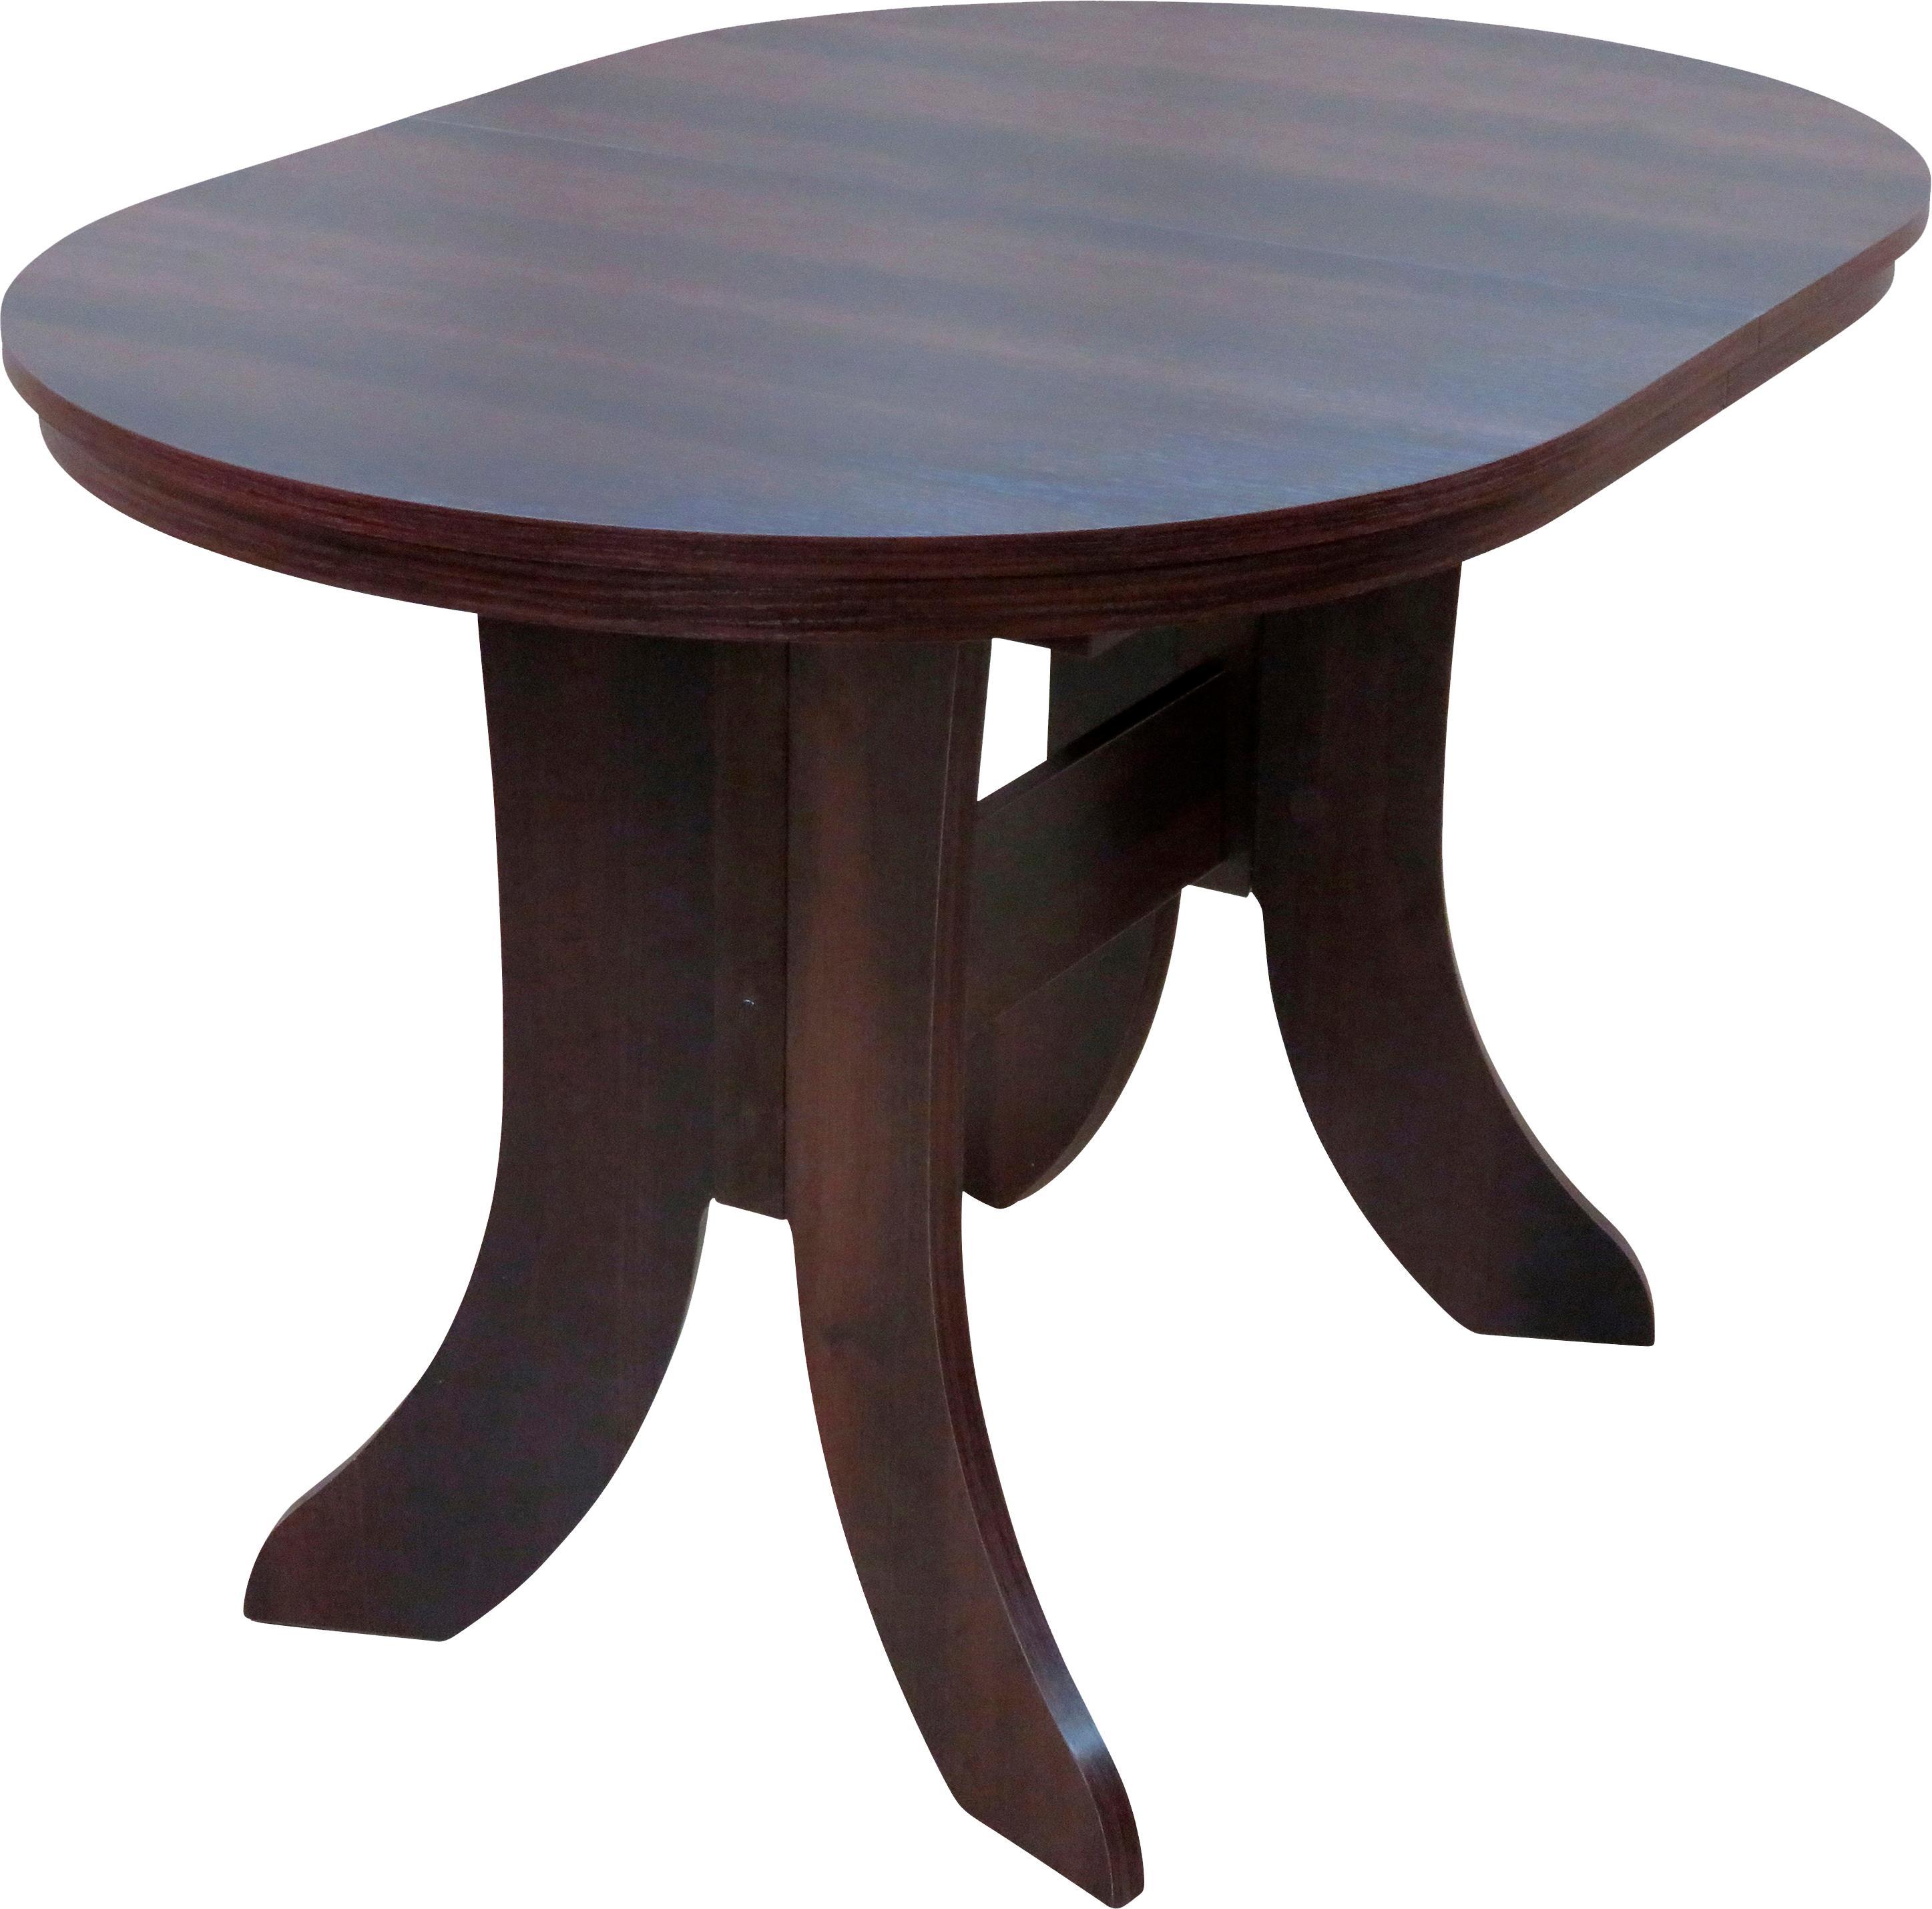 Esstisch Bamberg, ausziehbar auf 160 cm braun Esstische rund oval Tische